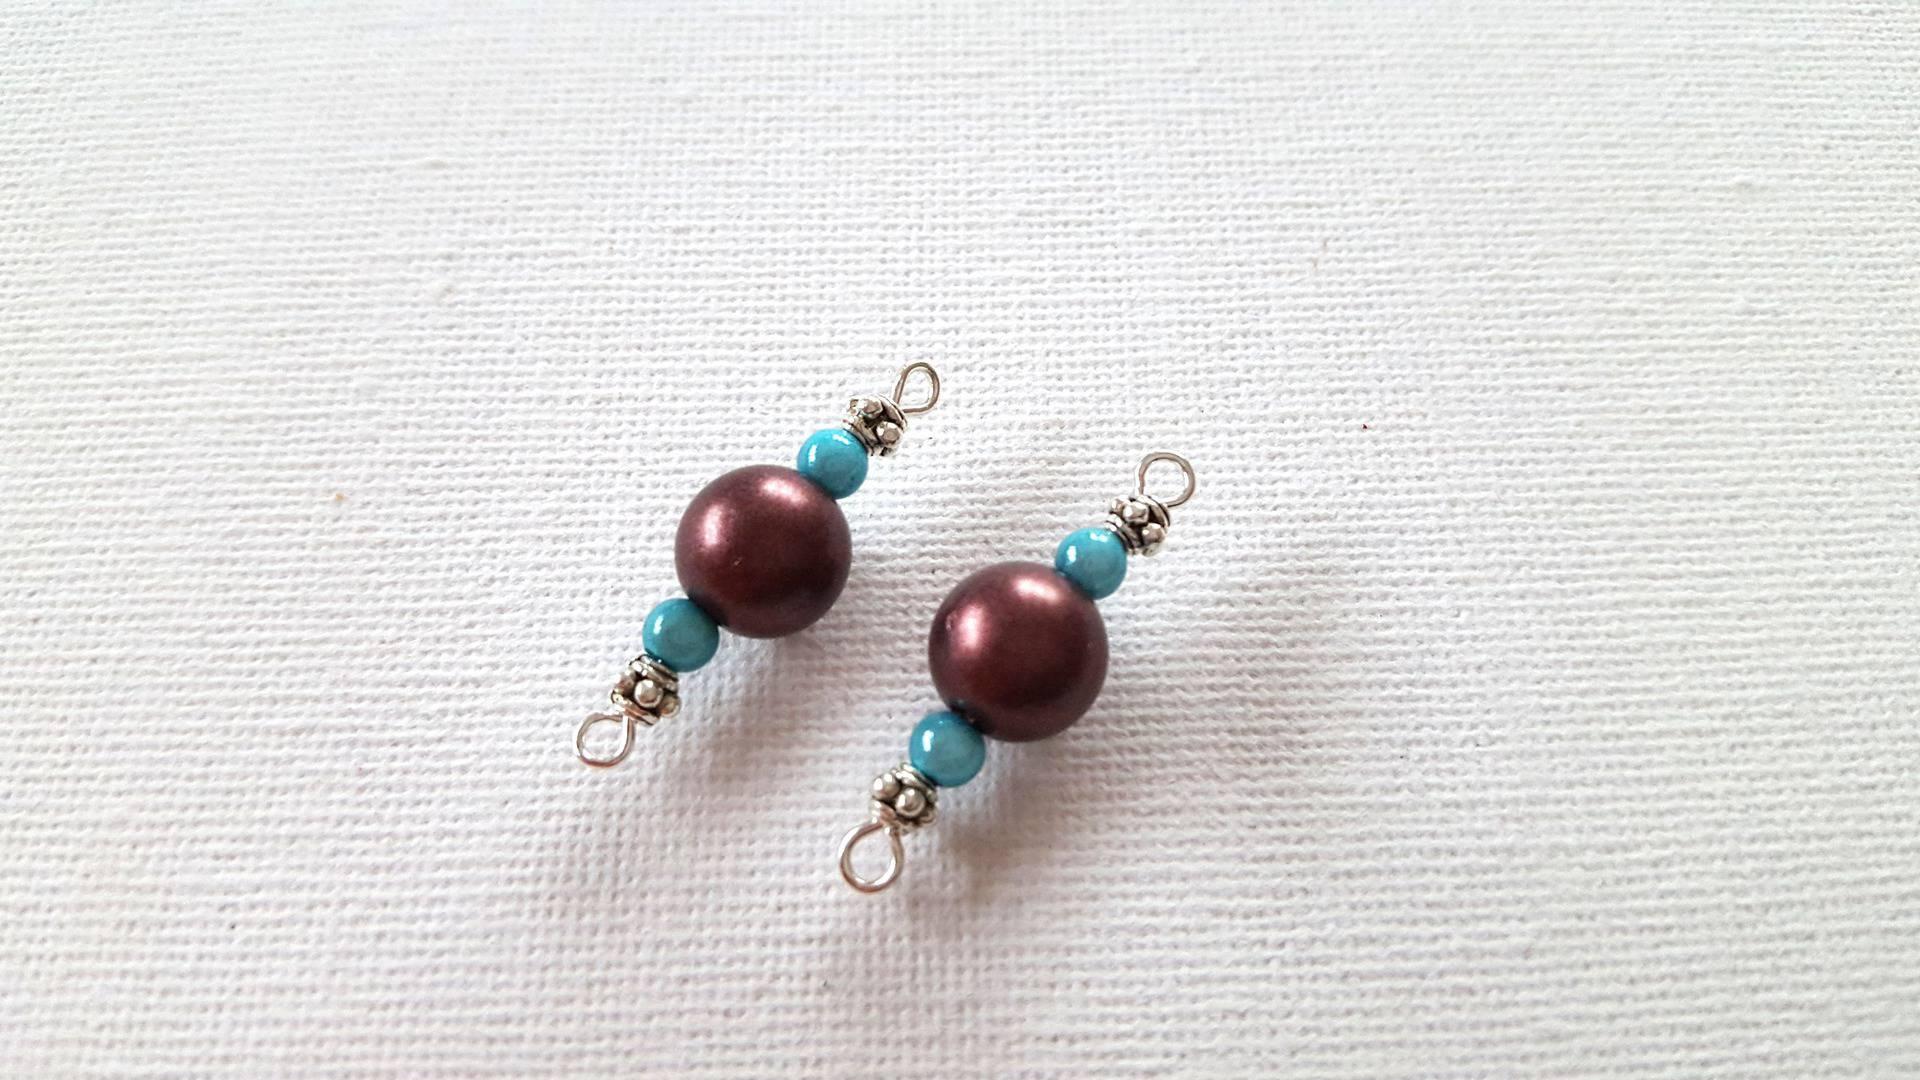 20A- 2 Connecteurs perles rondes marron café, perles rondes magiques bleu nacré, perles métal argenté